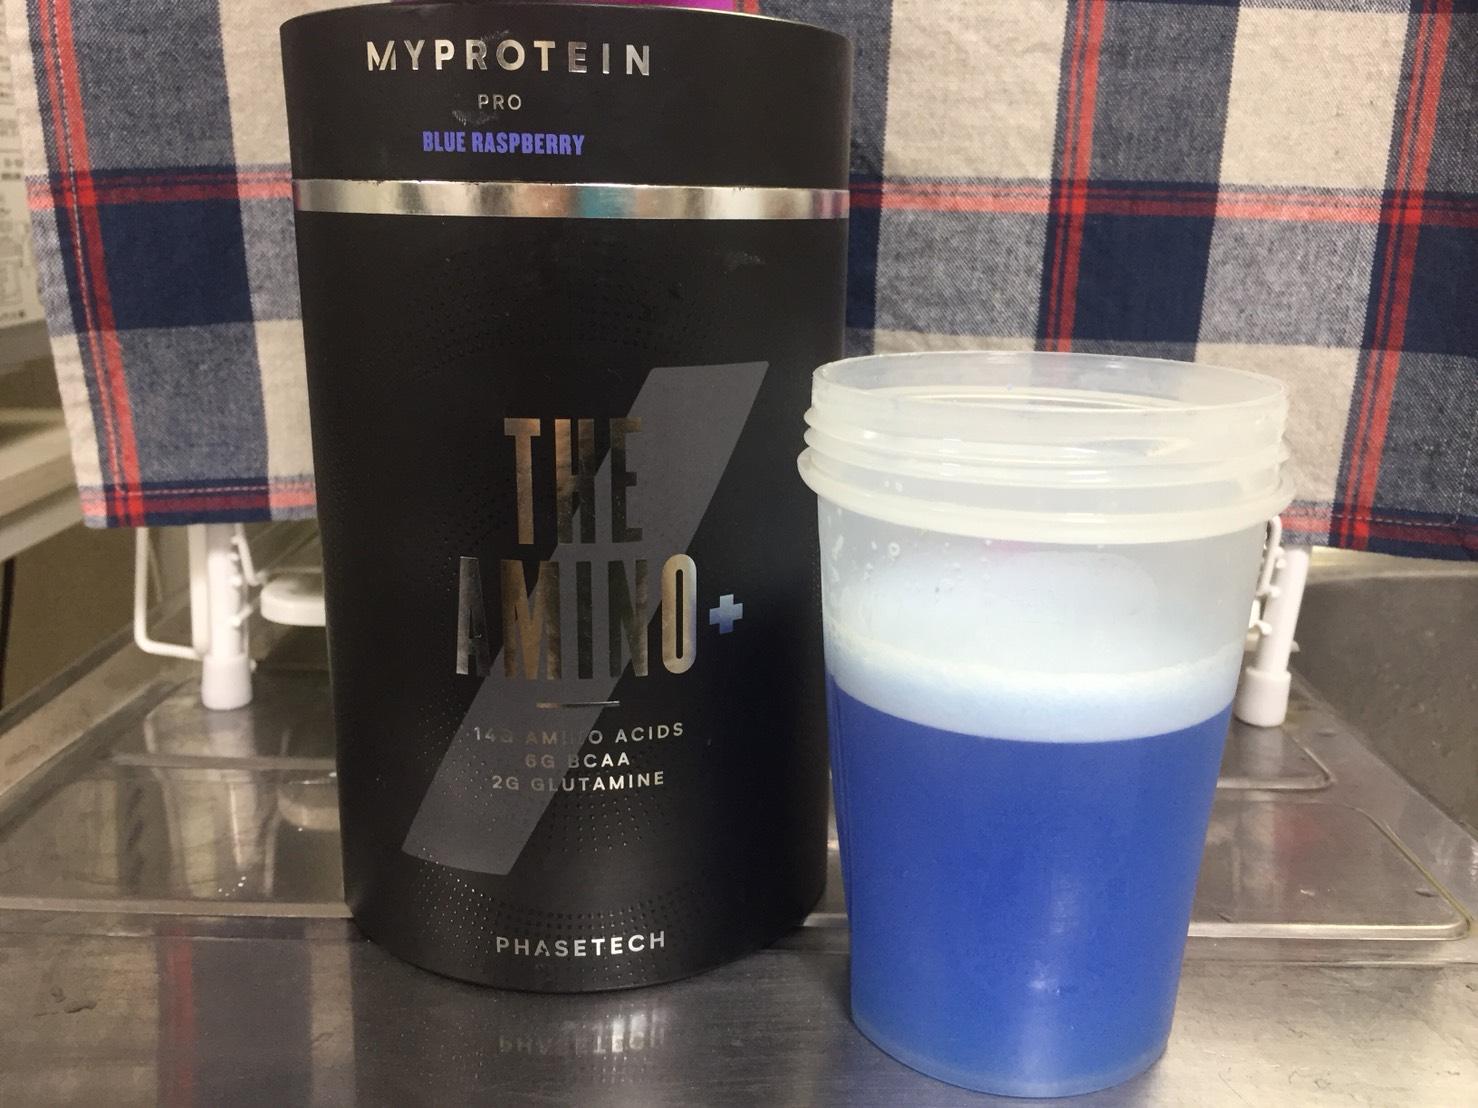 ブルーラズベリー味(BLUE RASPBERRY)